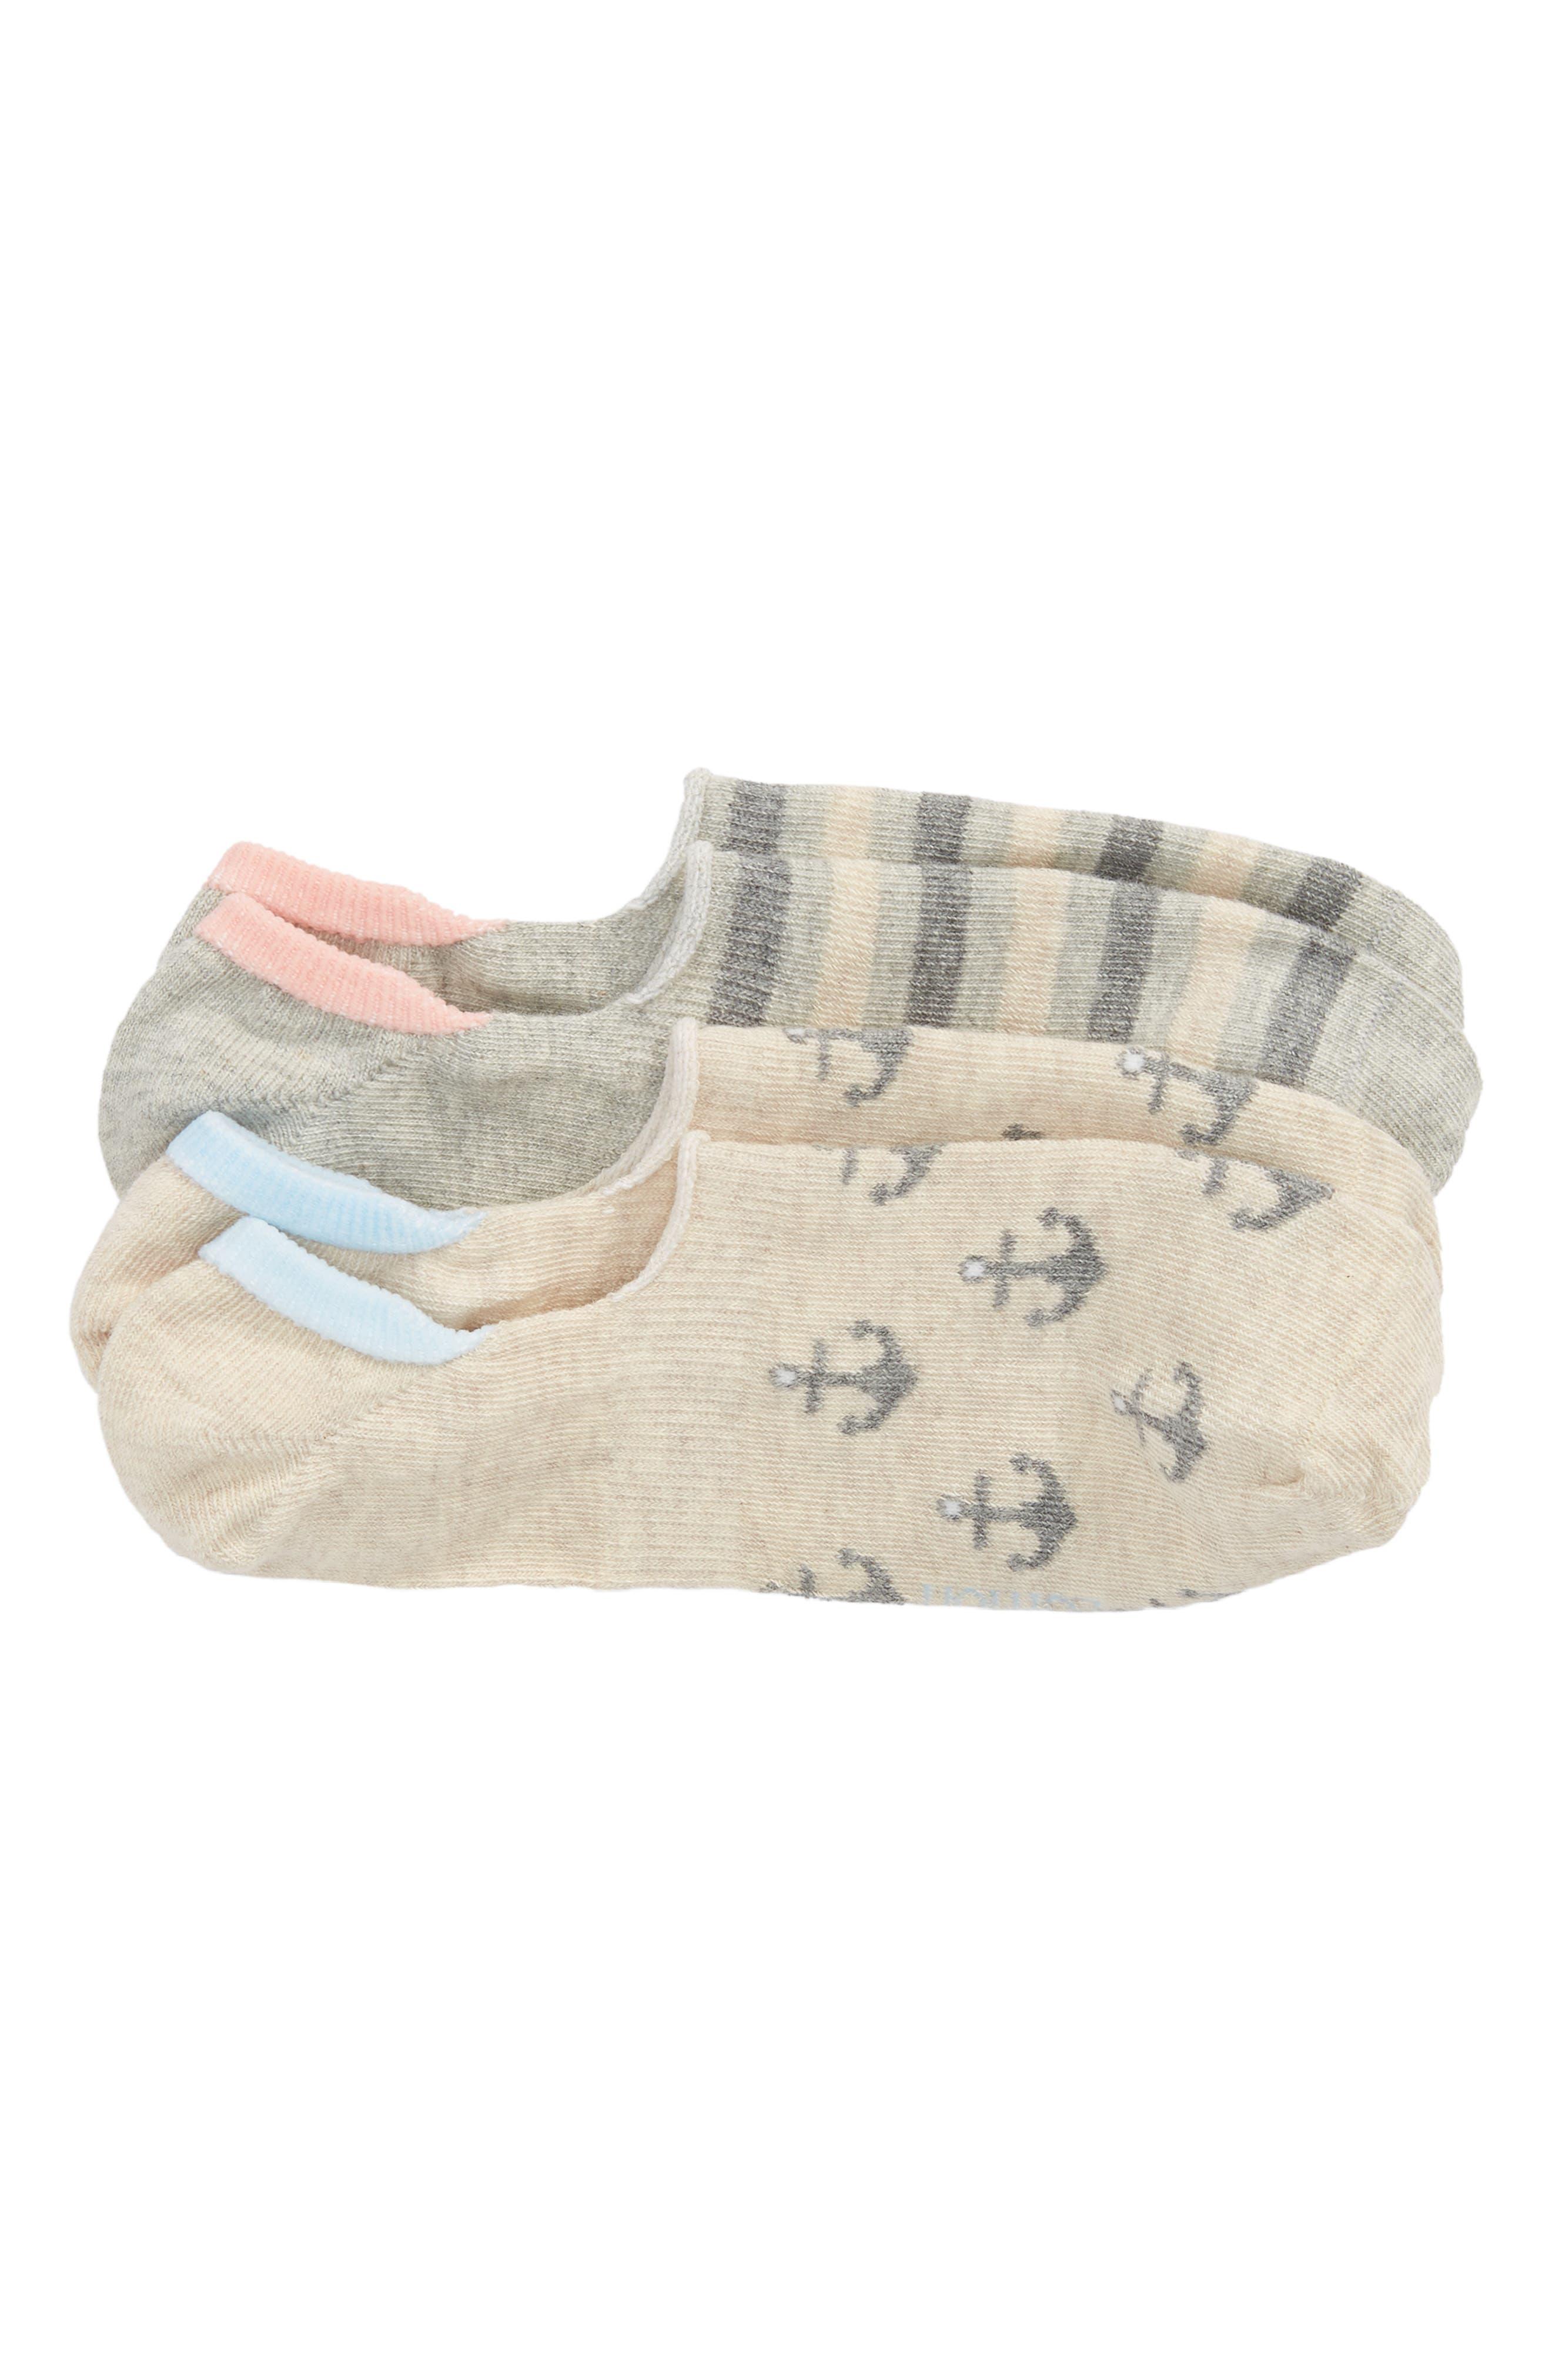 2-Pack Anchors Away No-Show Socks,                             Main thumbnail 1, color,                             251